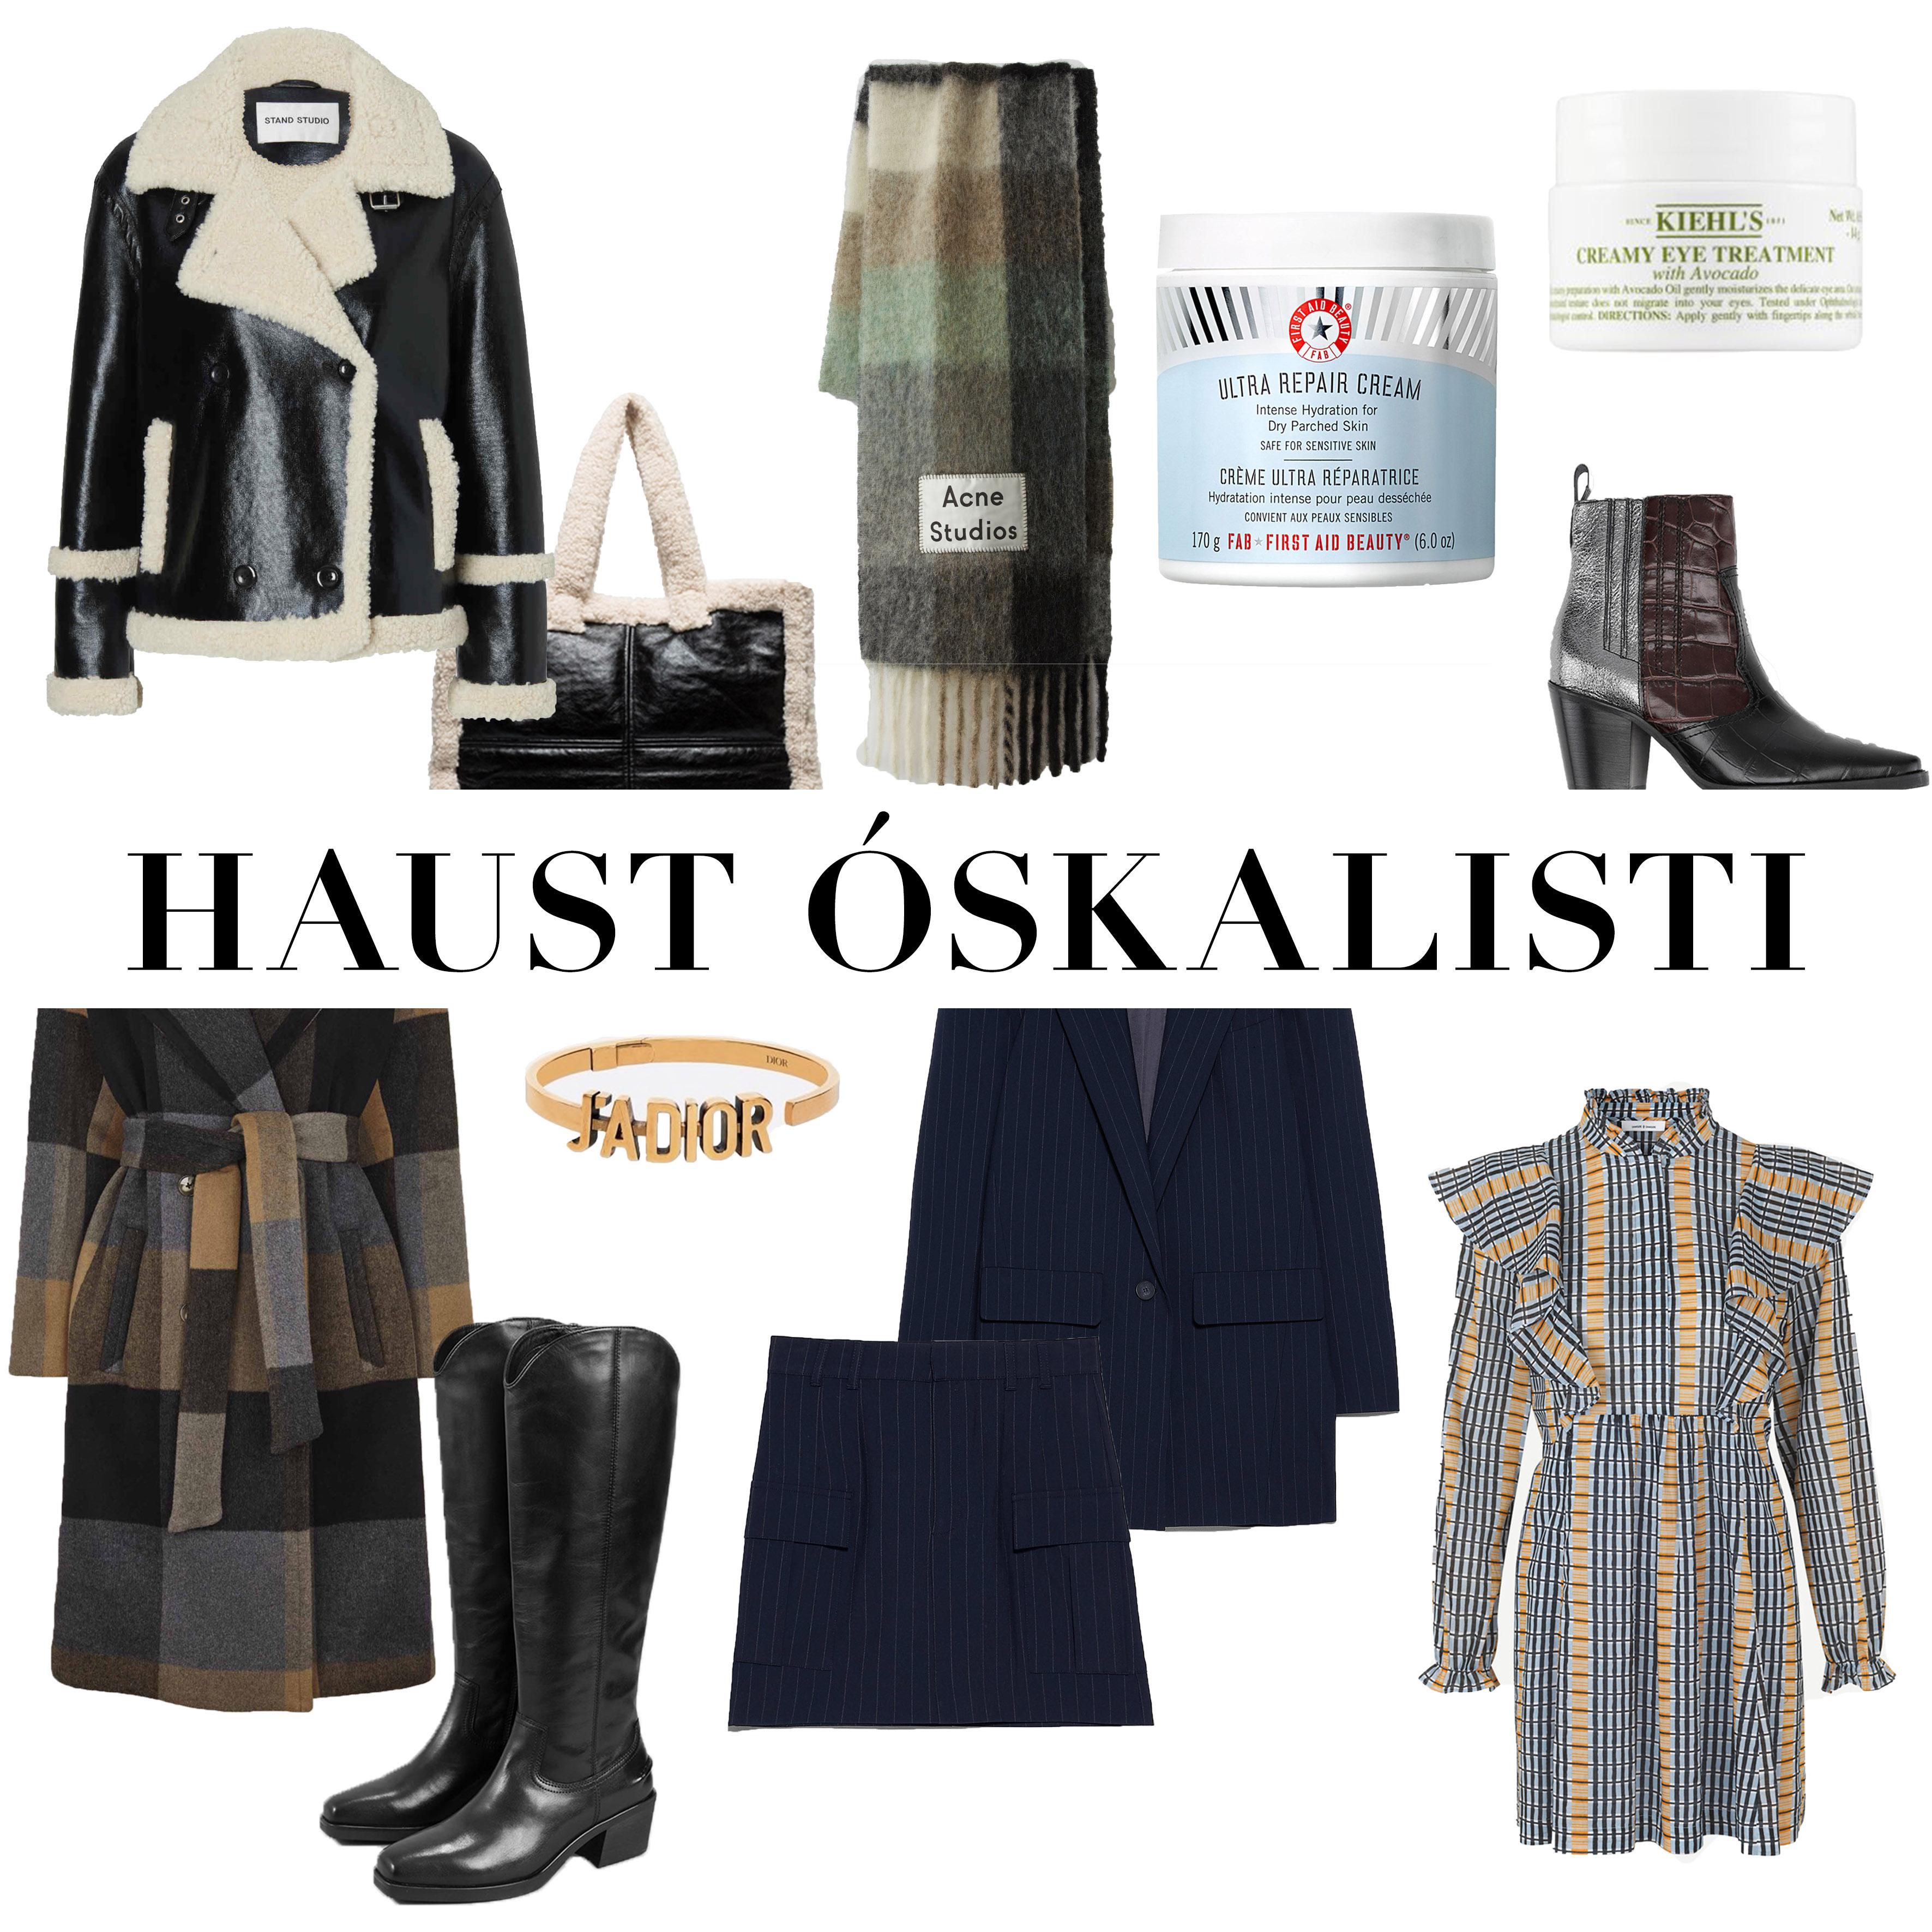 HAUST ÓSKALISTINN